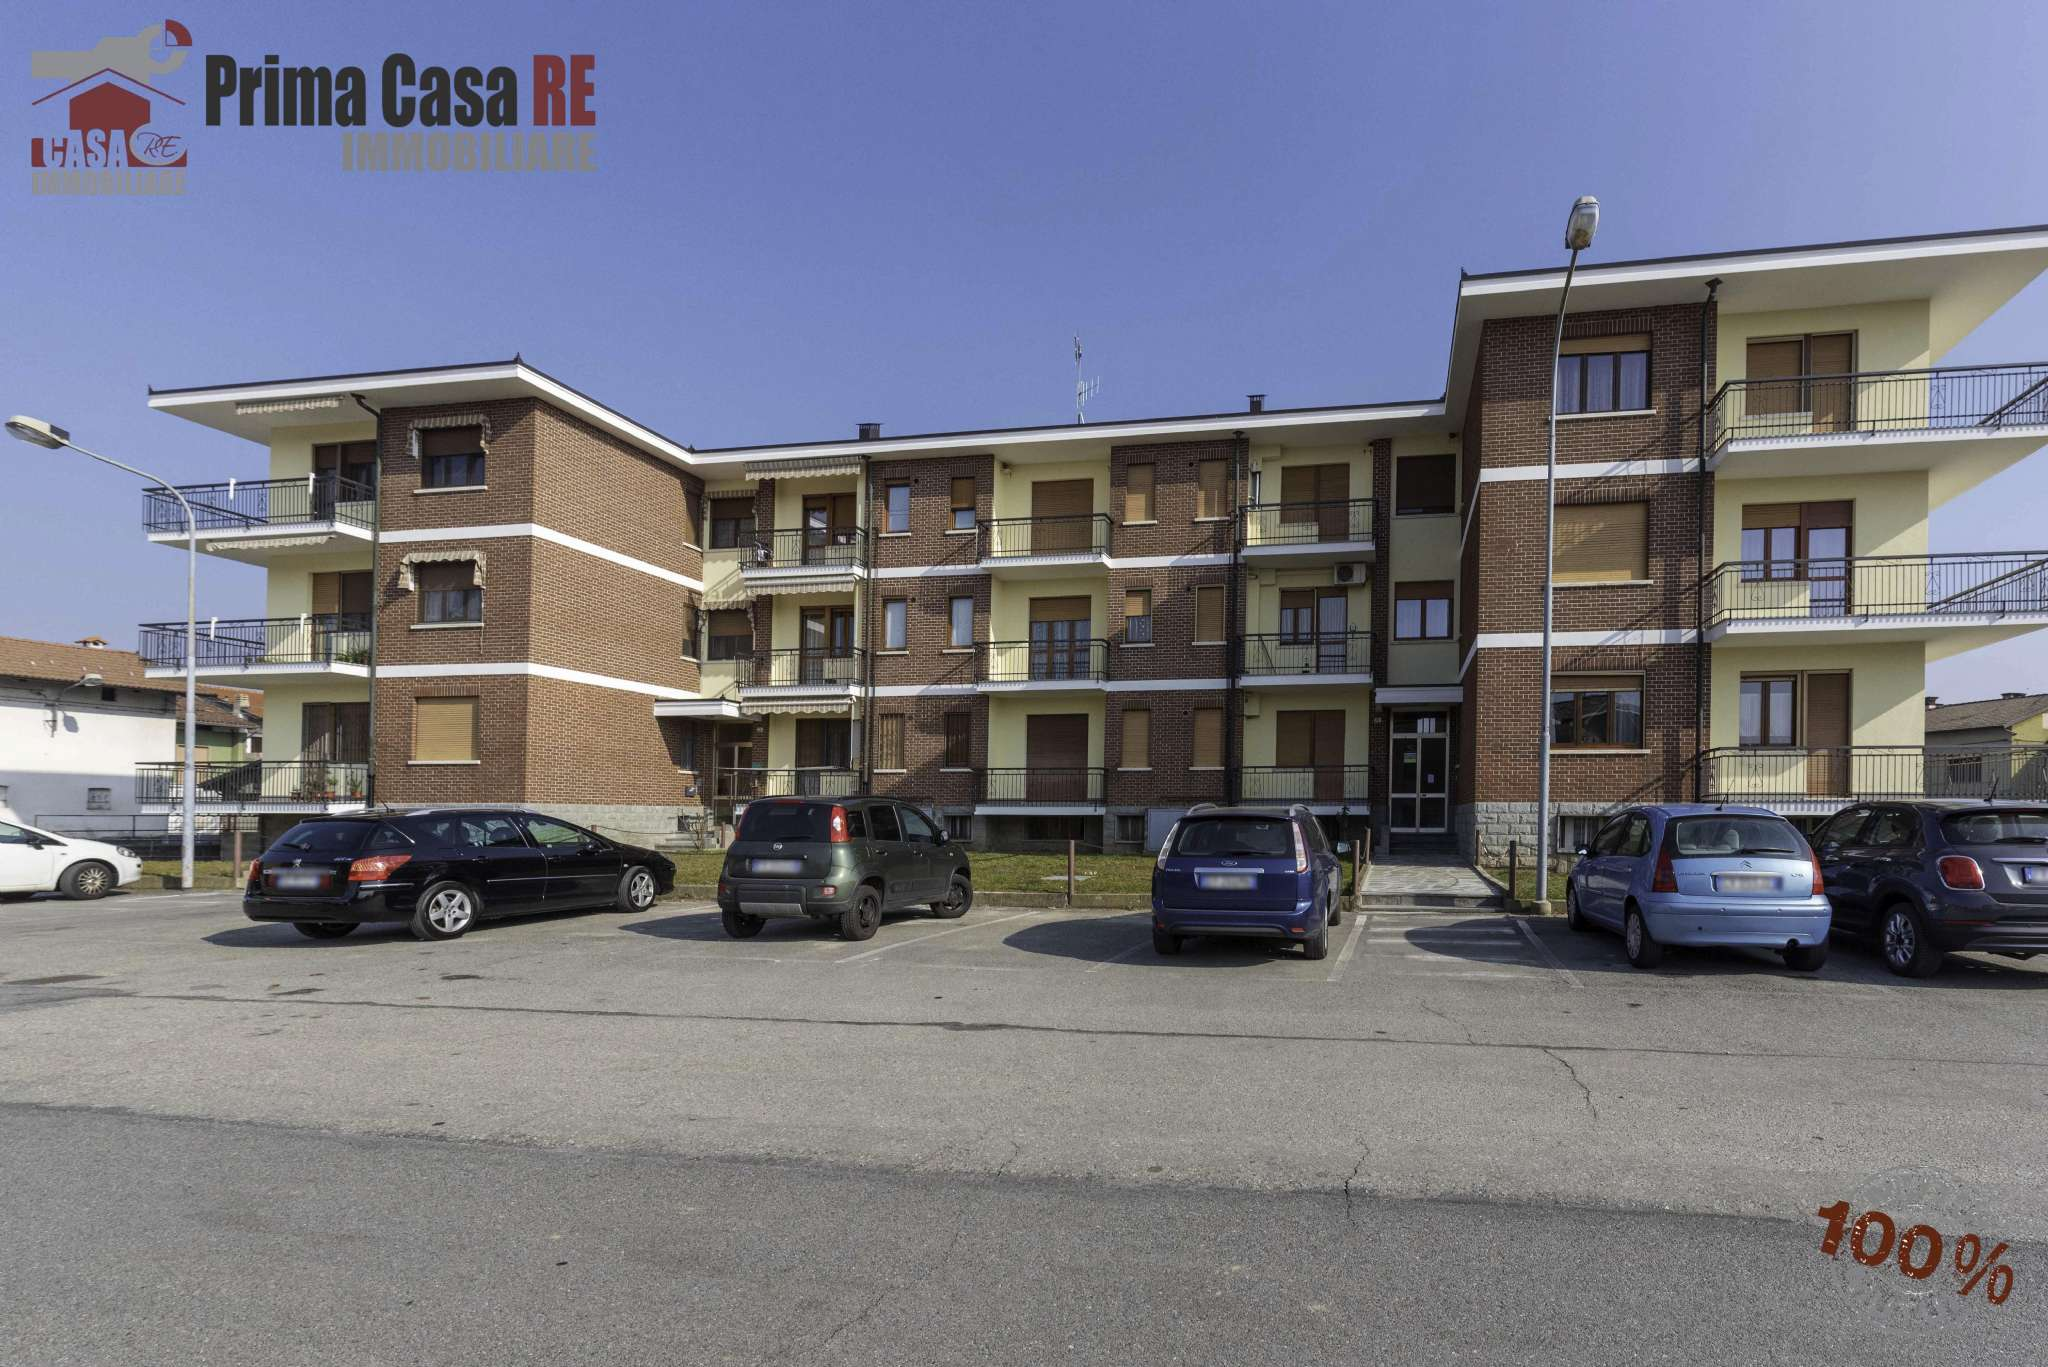 Appartamento in vendita a Rondissone, 2 locali, prezzo € 47.000 | PortaleAgenzieImmobiliari.it